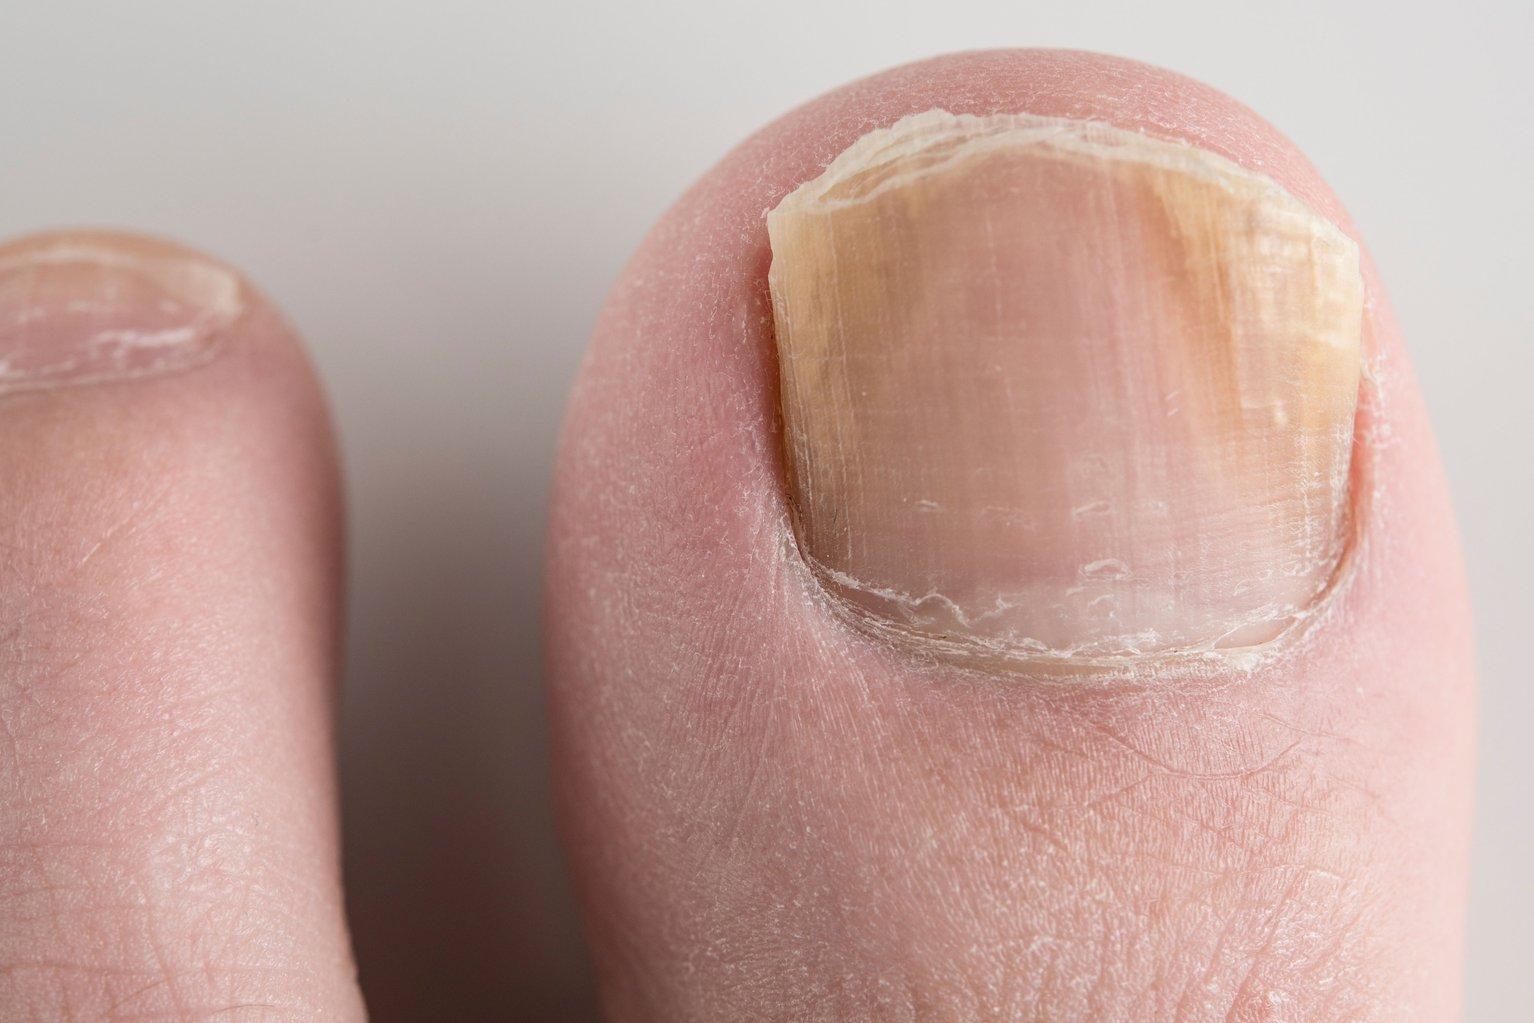 Грибок ногтя фото видео